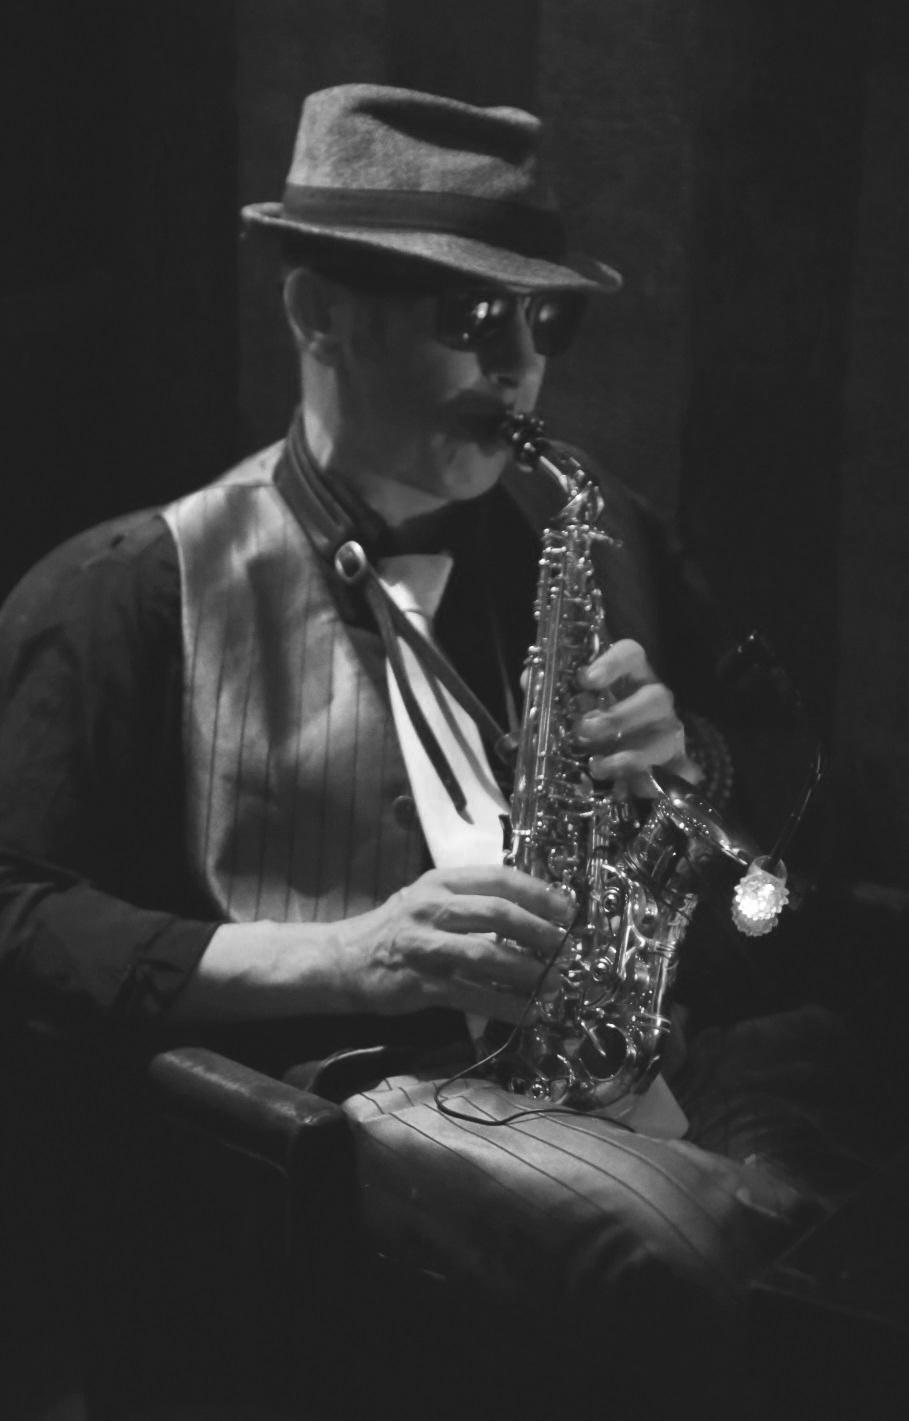 Gulliver Allwood   Saxophoniste déjanté, est capable d'accompagner les artistes et les DJs sur toute sorte de musique.